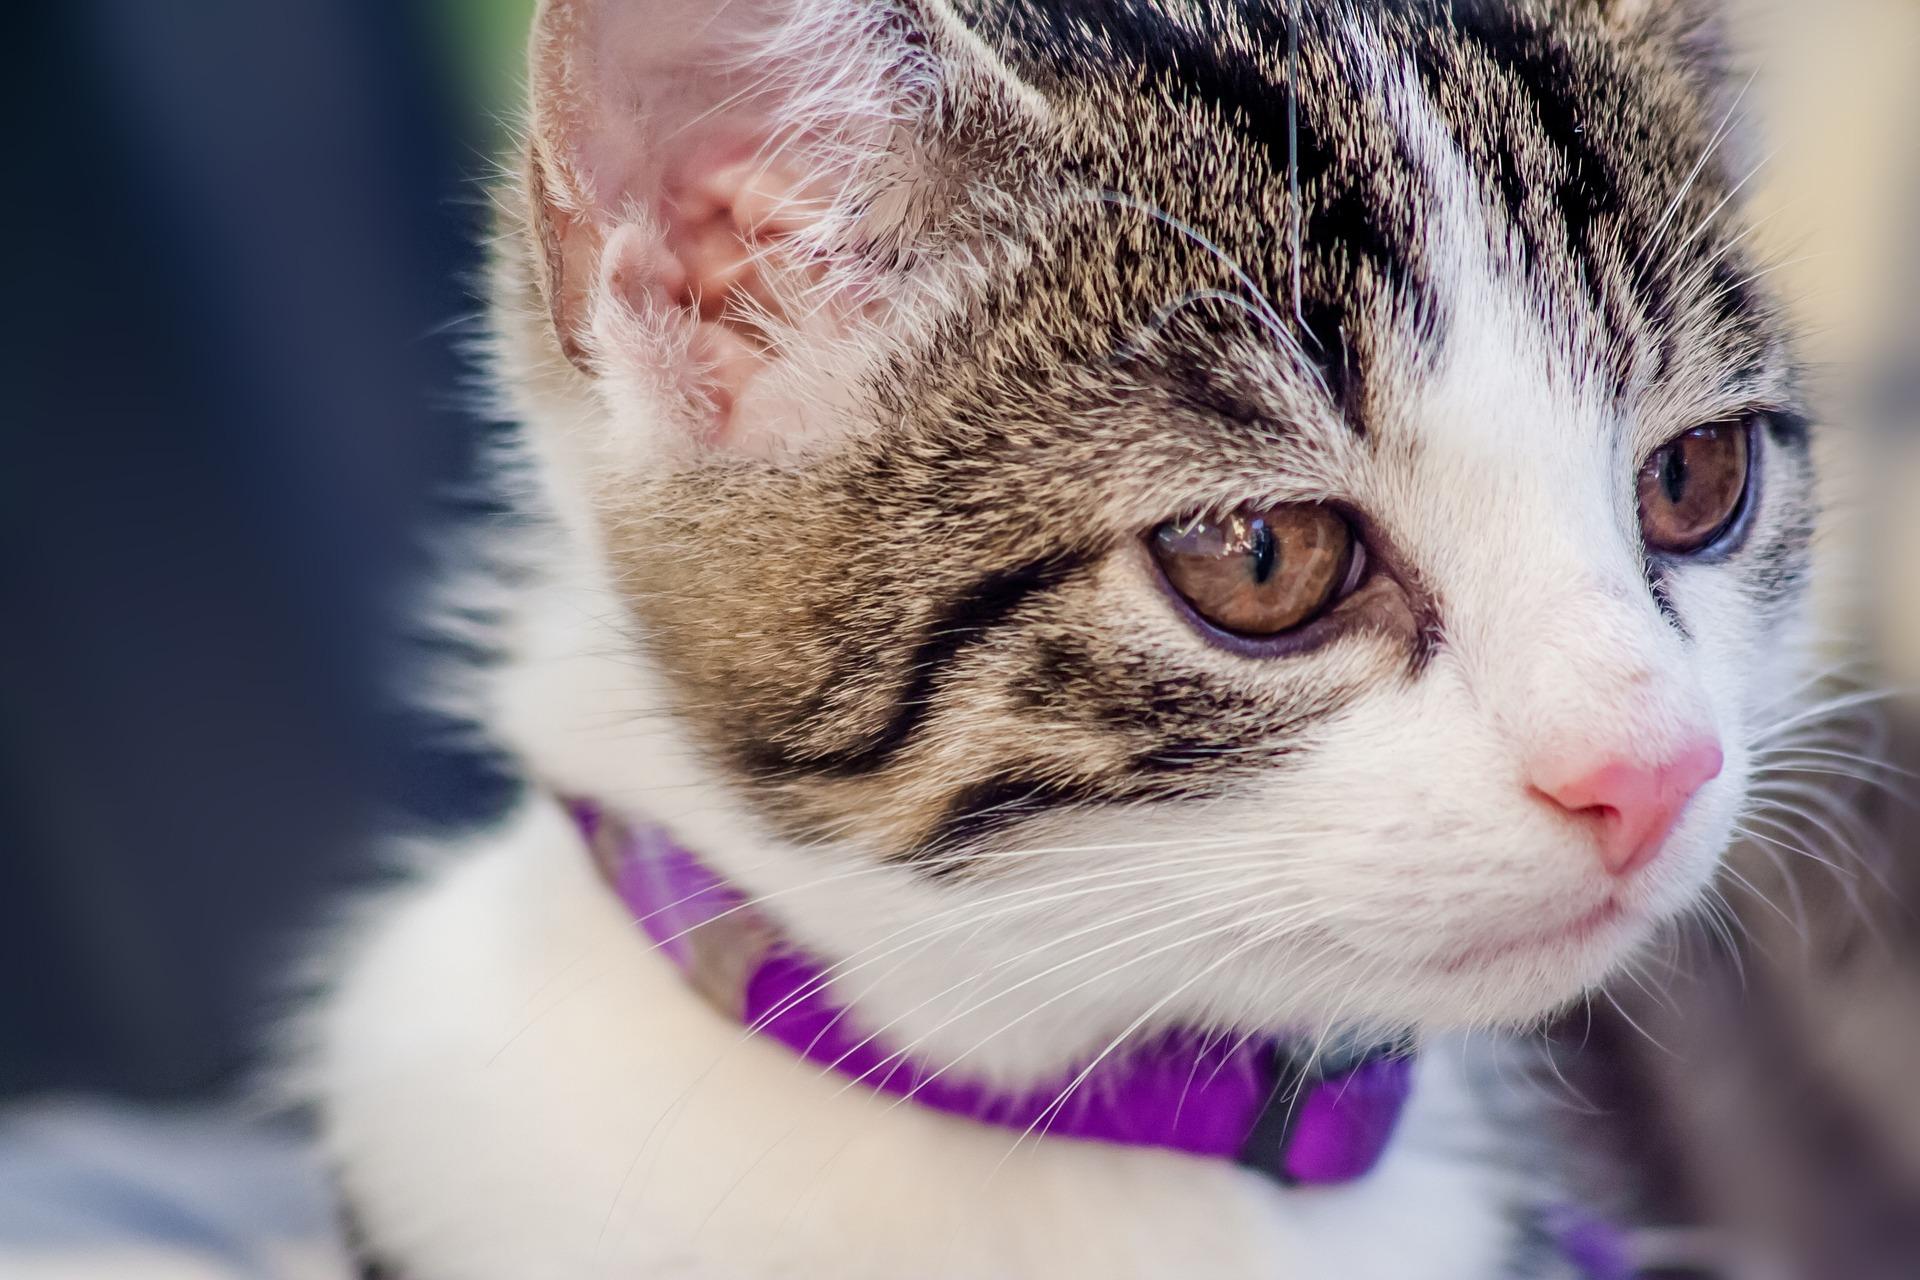 cat-919661_1920